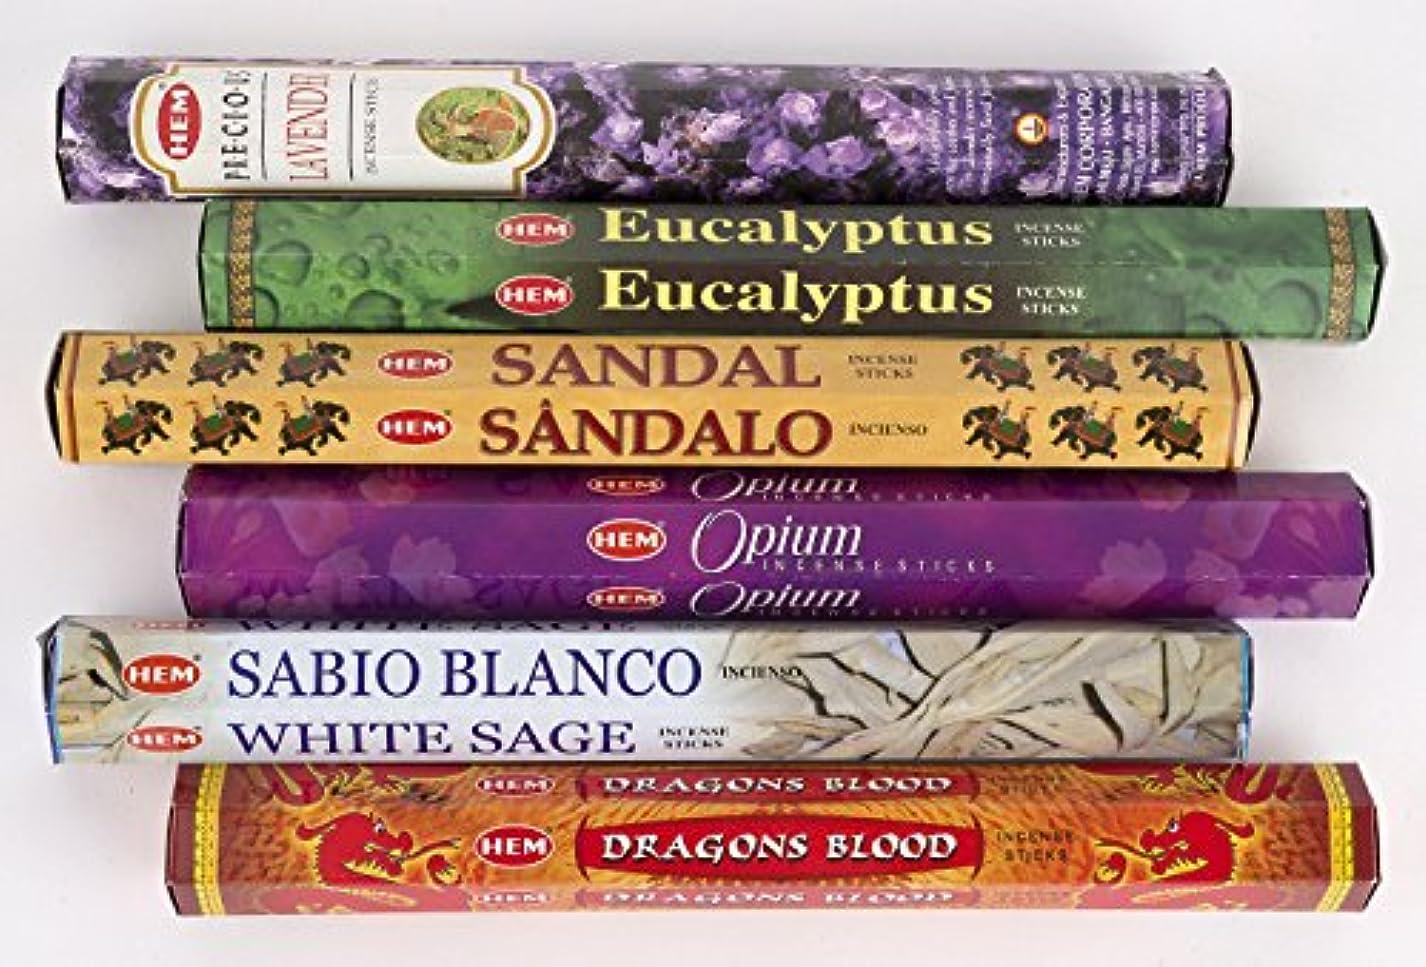 補償知的才能のあるHemお香6ピースパック – ラベンダー、ユーカリ、サンダル、Opium、ホワイトセージ、Dragon Blood